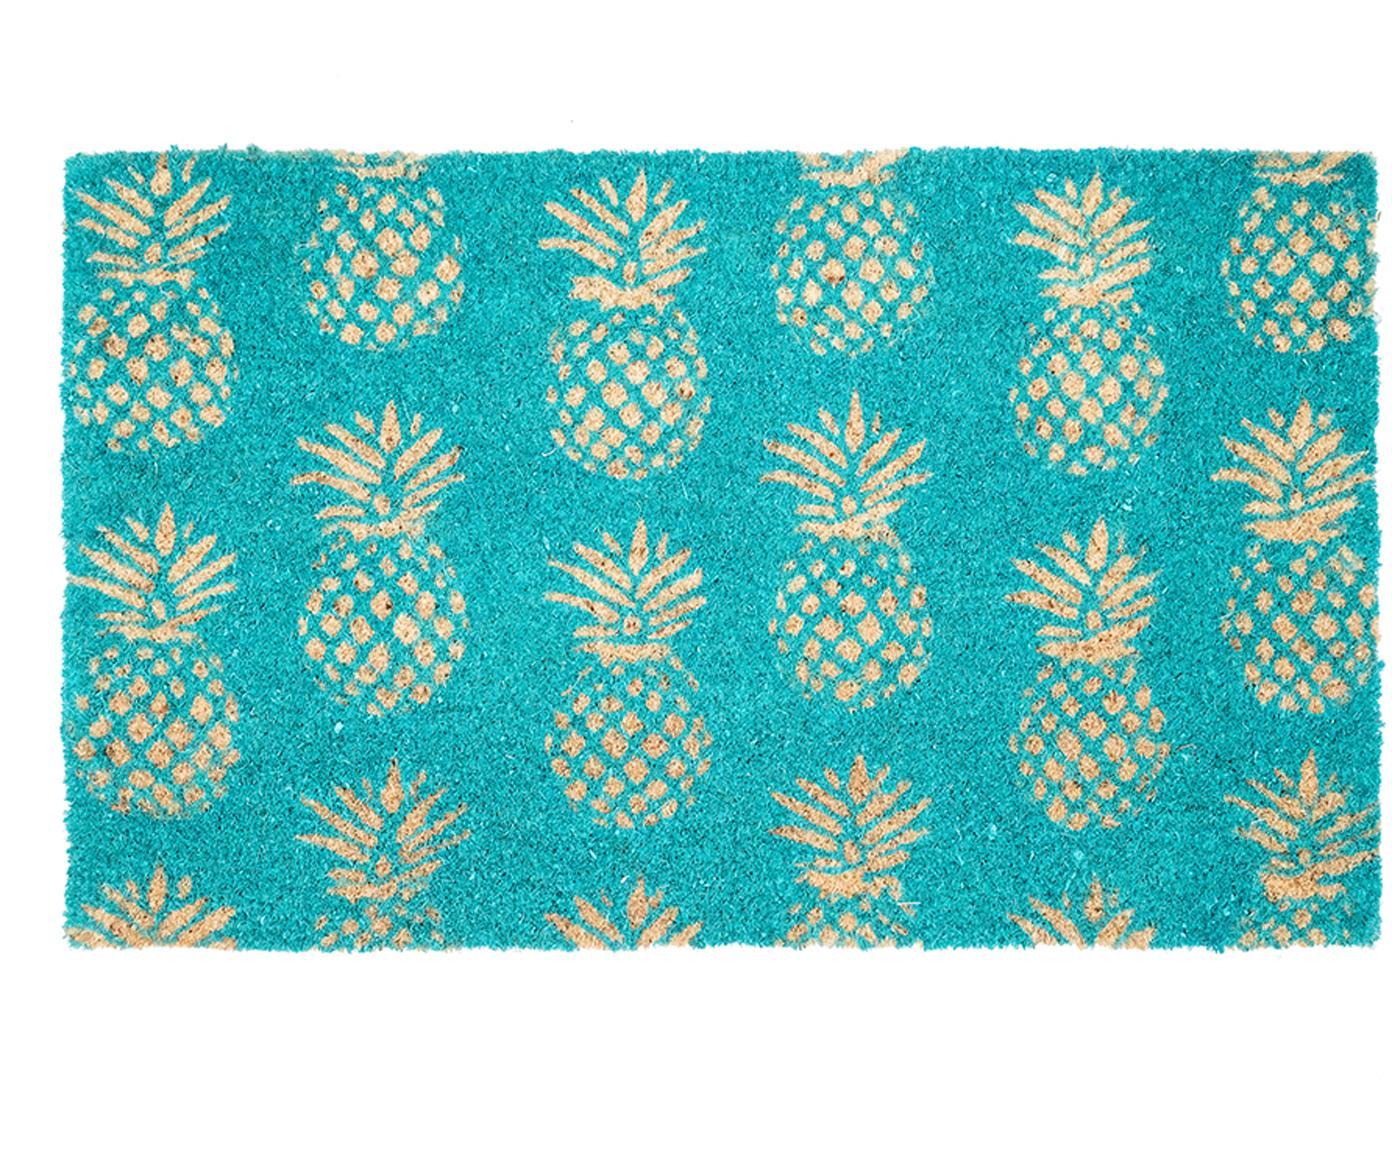 Fußmatte Pineapples in Türkis, Kokosfaser, Türkis, Beige, 45 x 75 cm